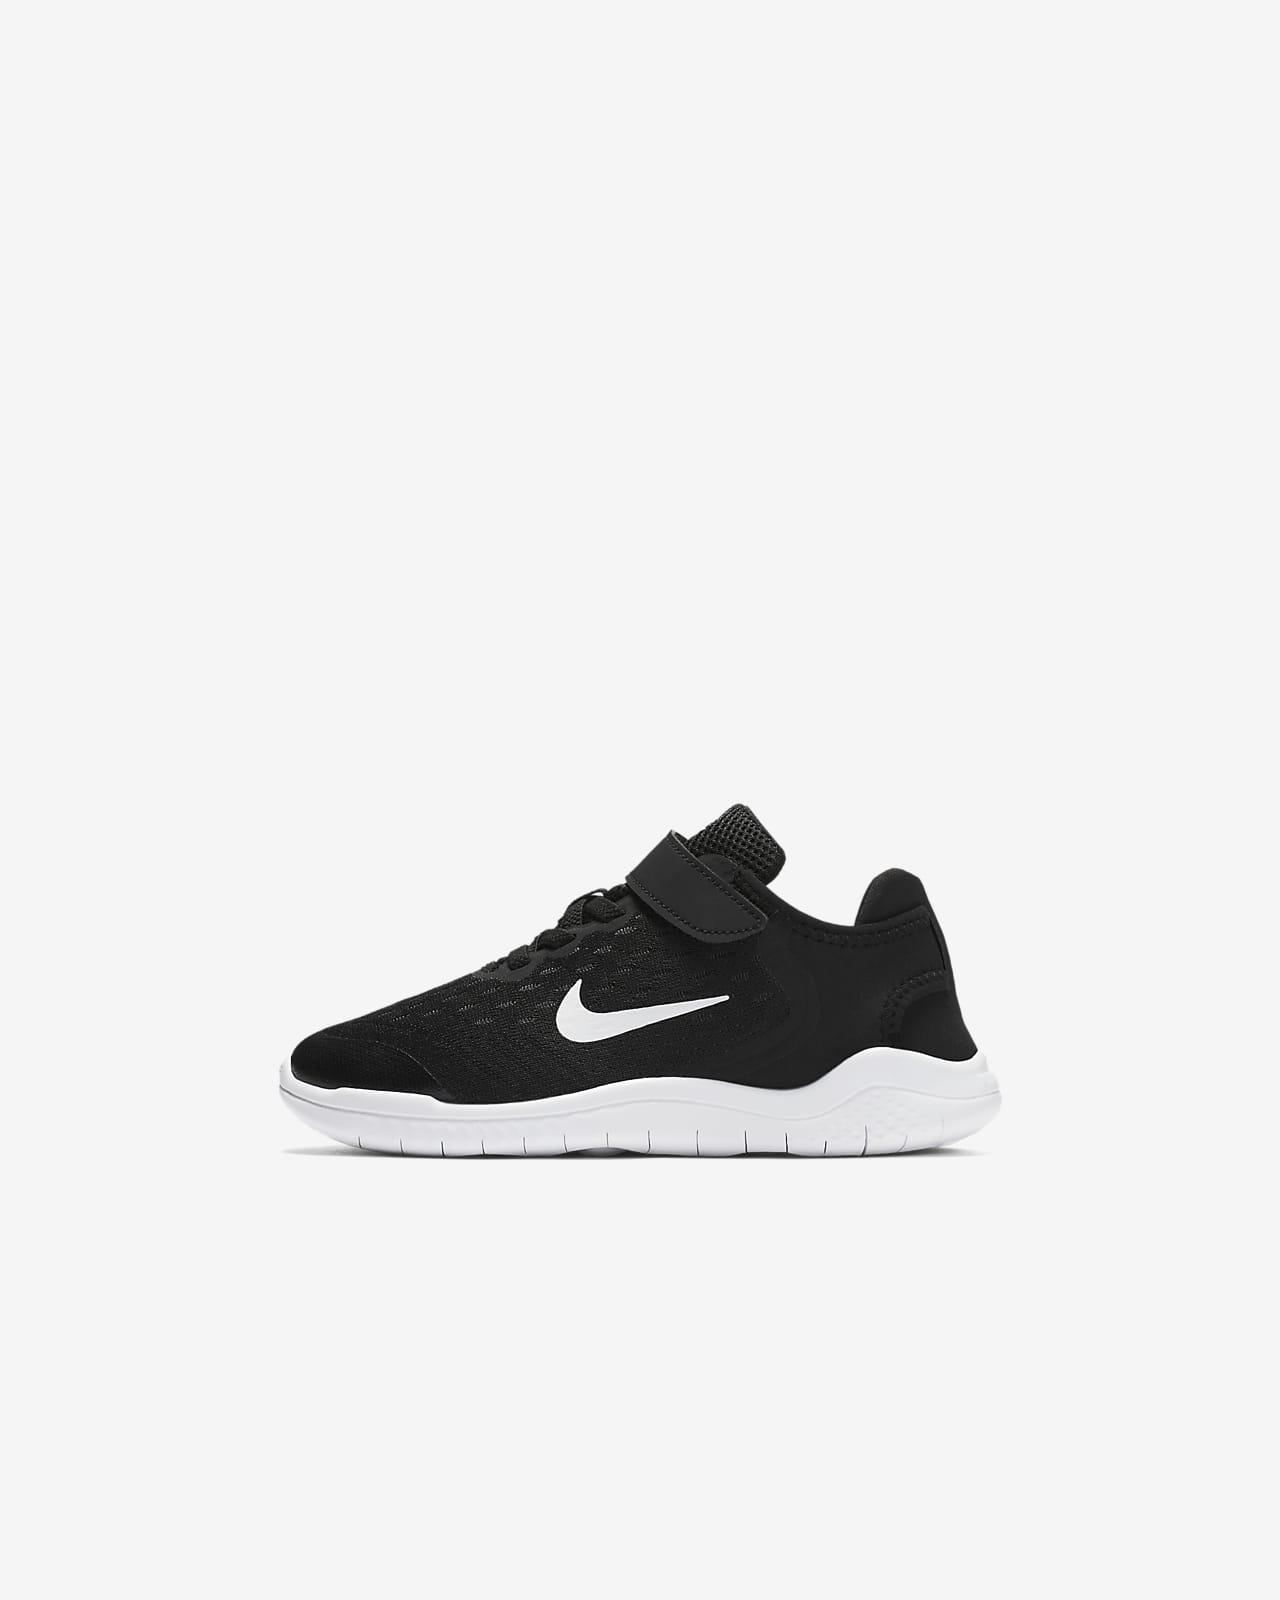 Calzado para niños talla pequeña Nike Free RN 2018